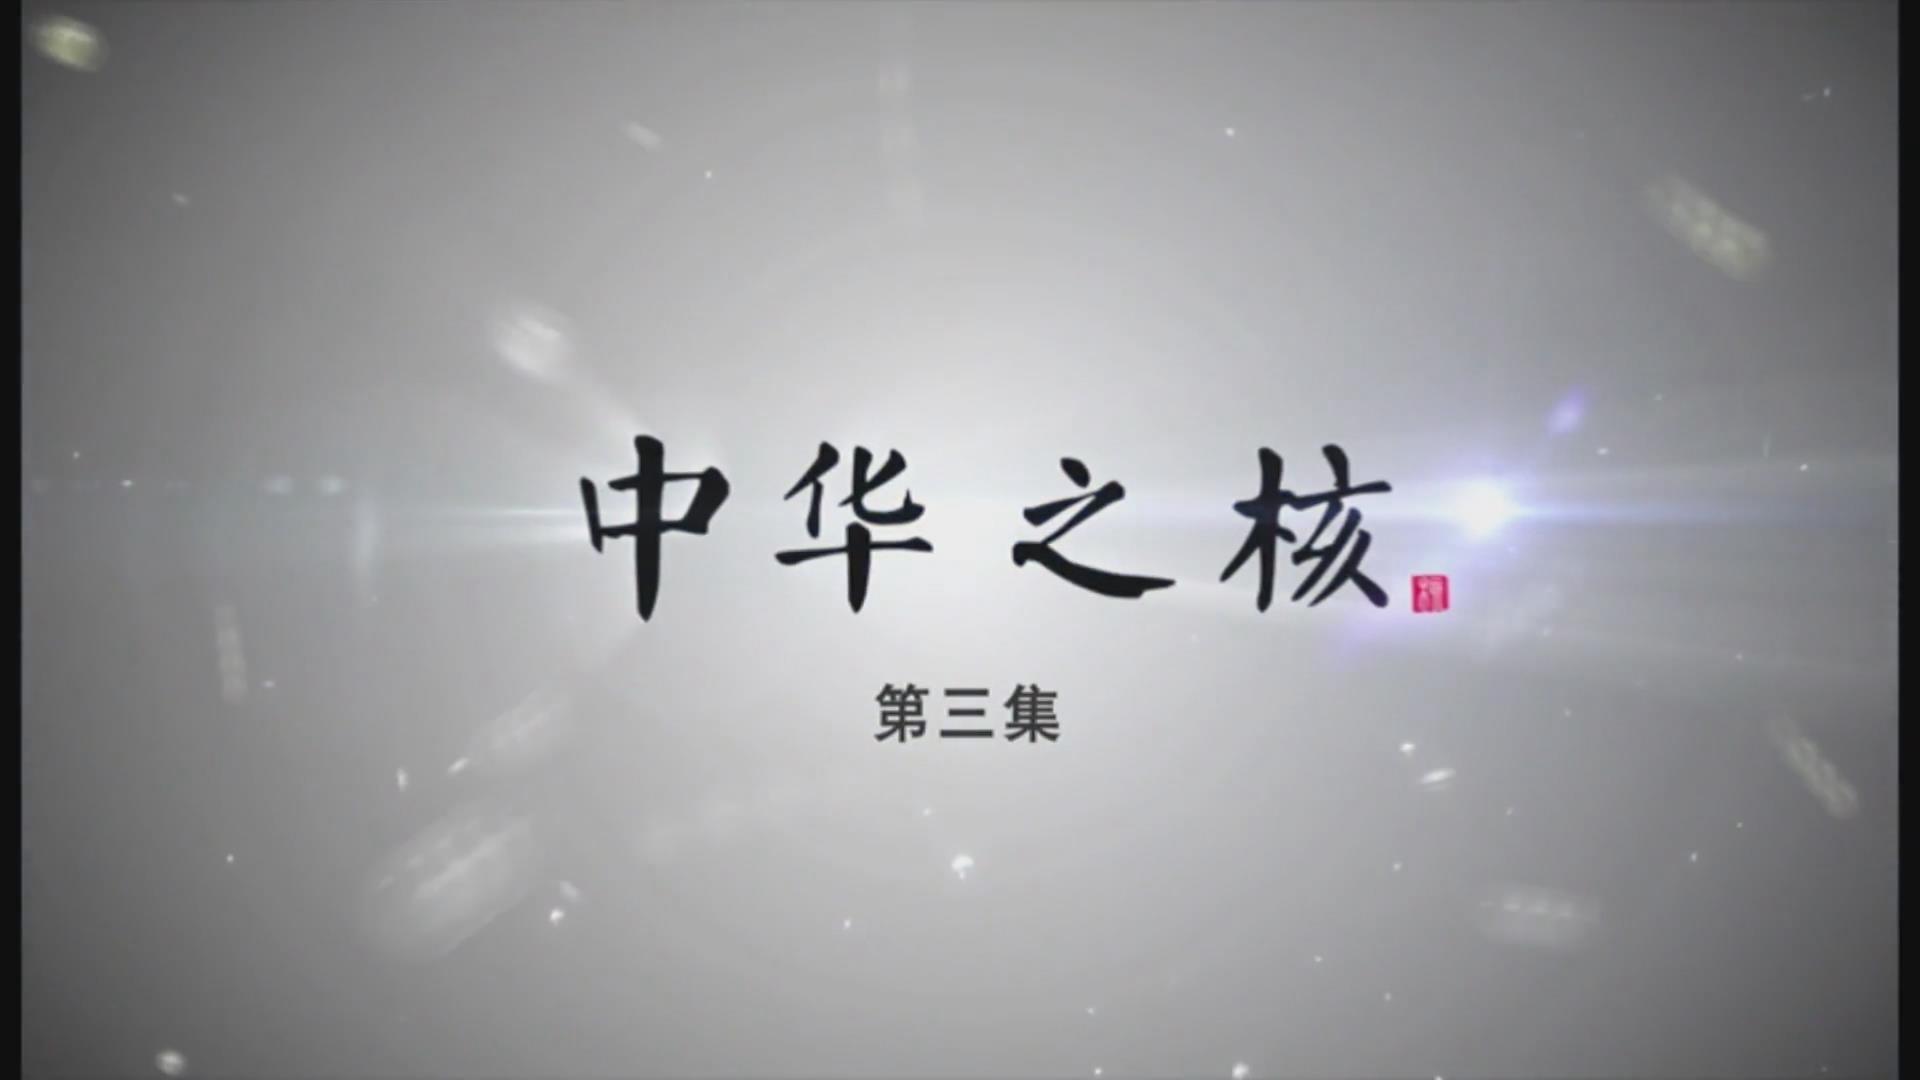 回顧丨中國核工業60年歷程大型紀錄片《中華之核》第三集:美麗中國中核夢